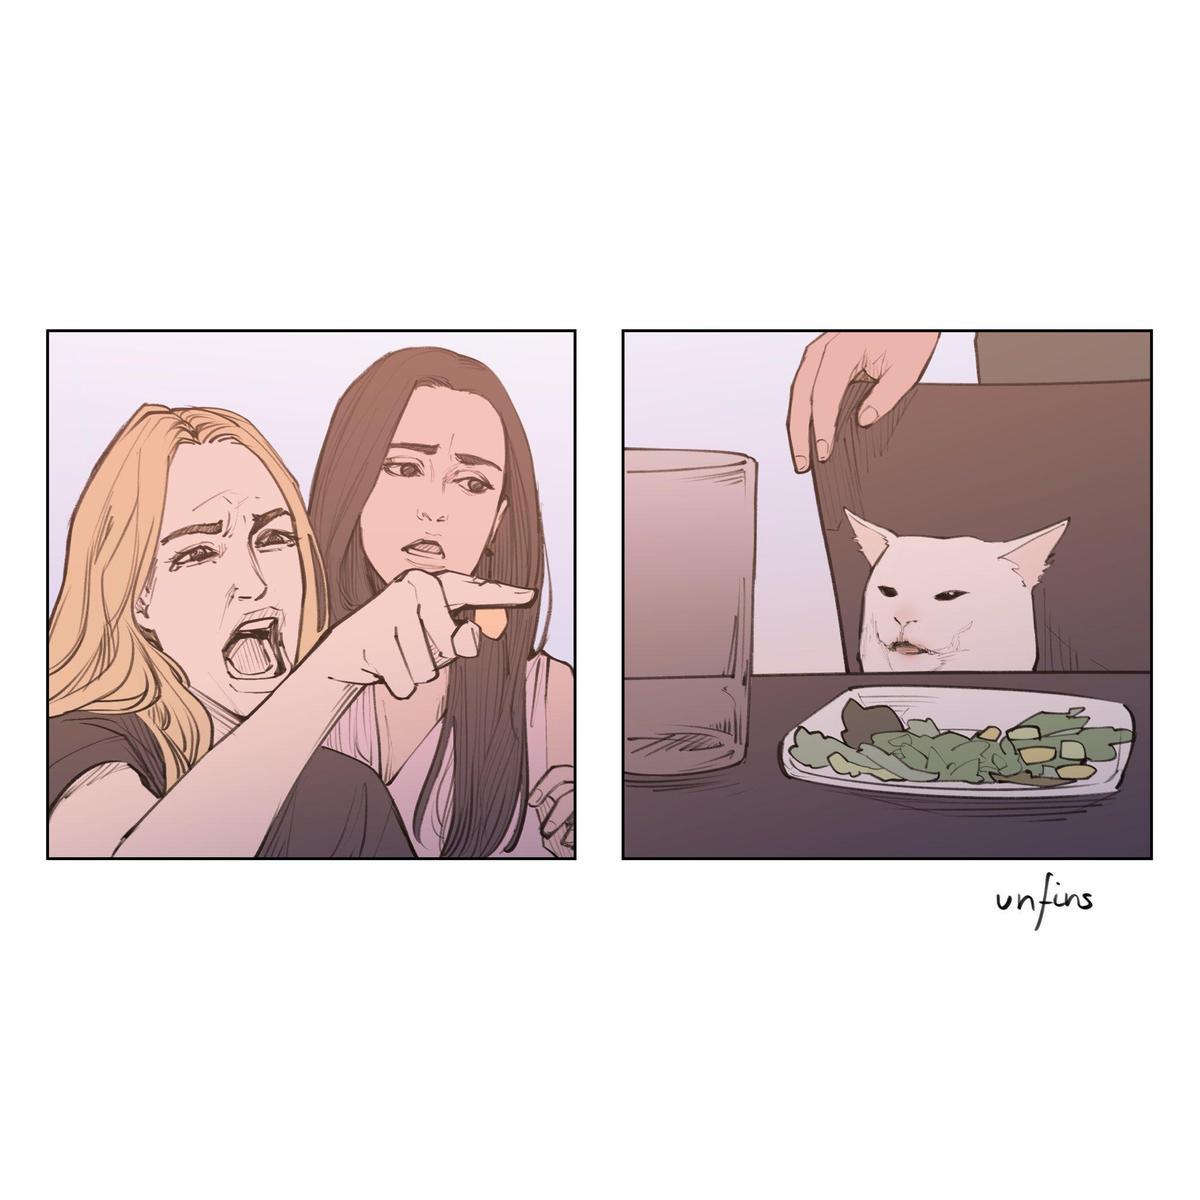 重現女人吼貓畫面。(翻攝 Unfins Twitter)